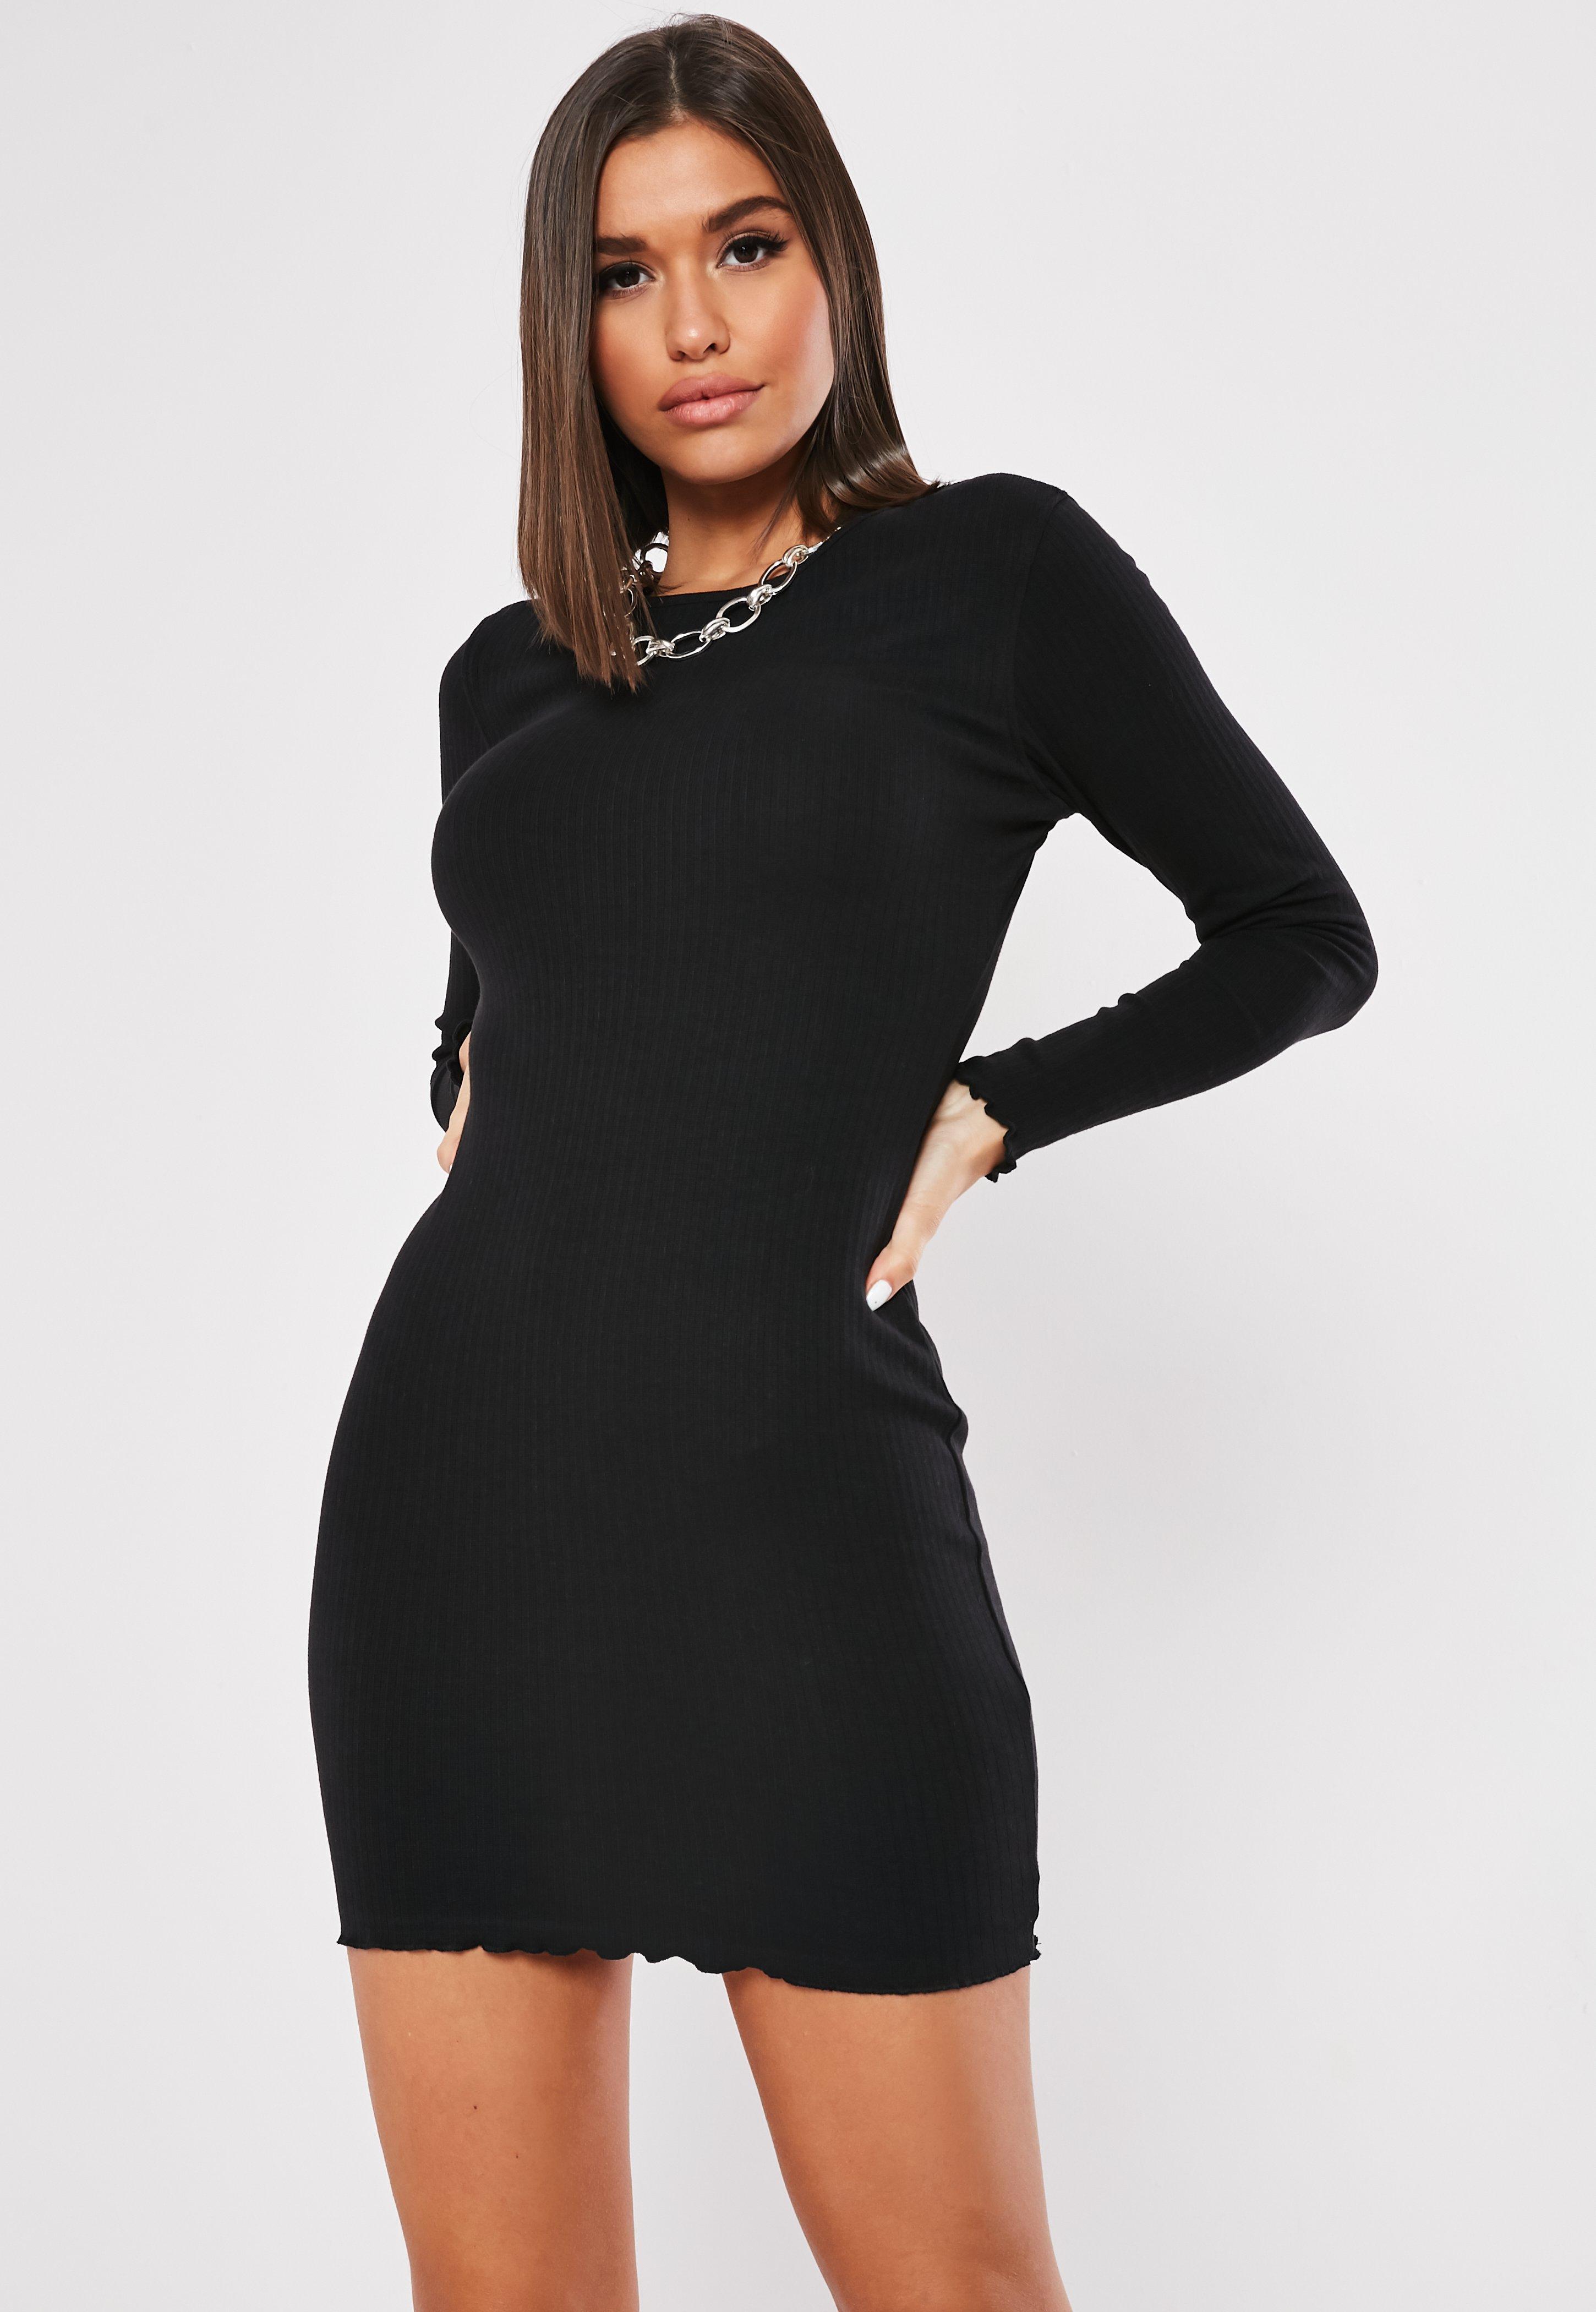 a87a6bb201f Bodycon Dresses